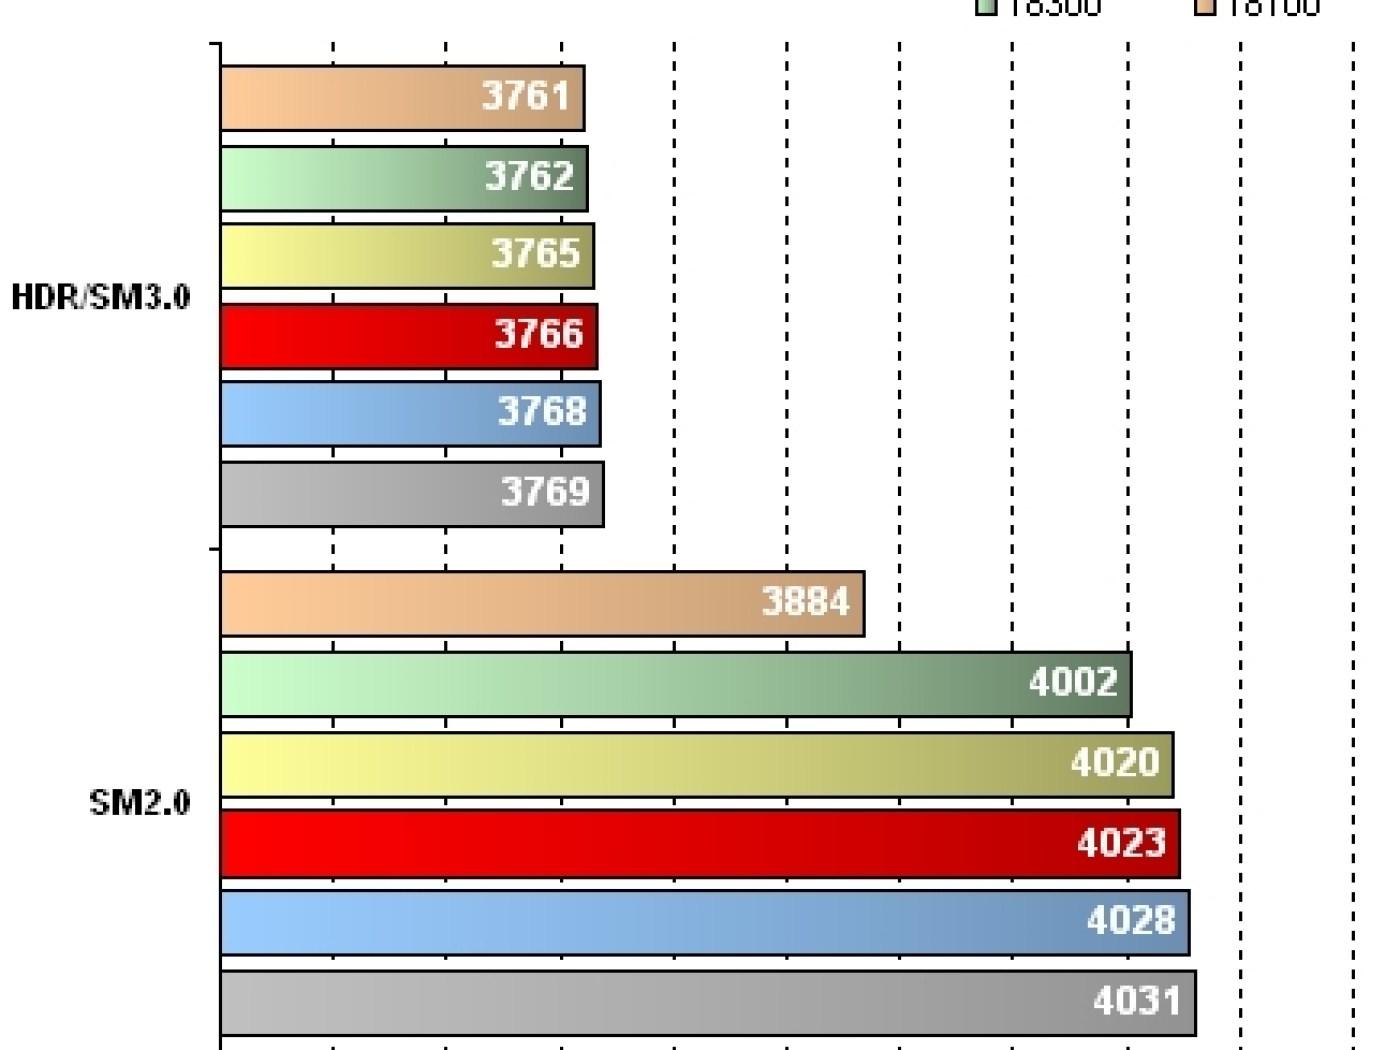 GeForce 8800M GTX - Résultats 3DMark06 HDR et SM - 1400 x 1050